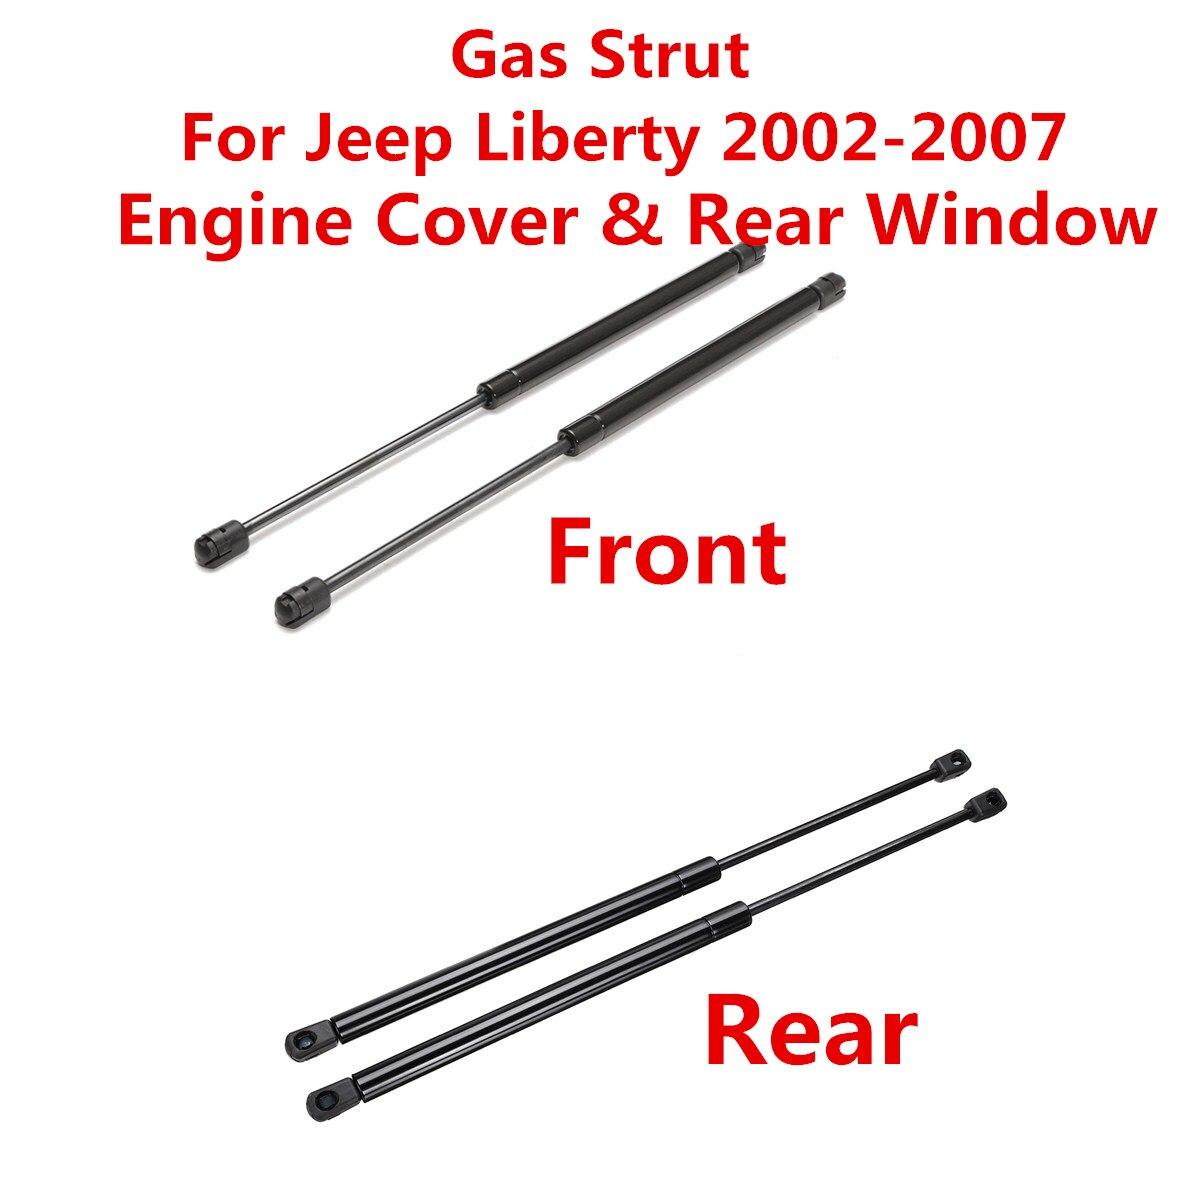 자동차 앞 엔진 후드 커버 뒷 창 리프트 충격은 지프 리버티 용 스트럿츠 바 가스 스프링을 지원합니다 2002 2003 2004 2005-2007